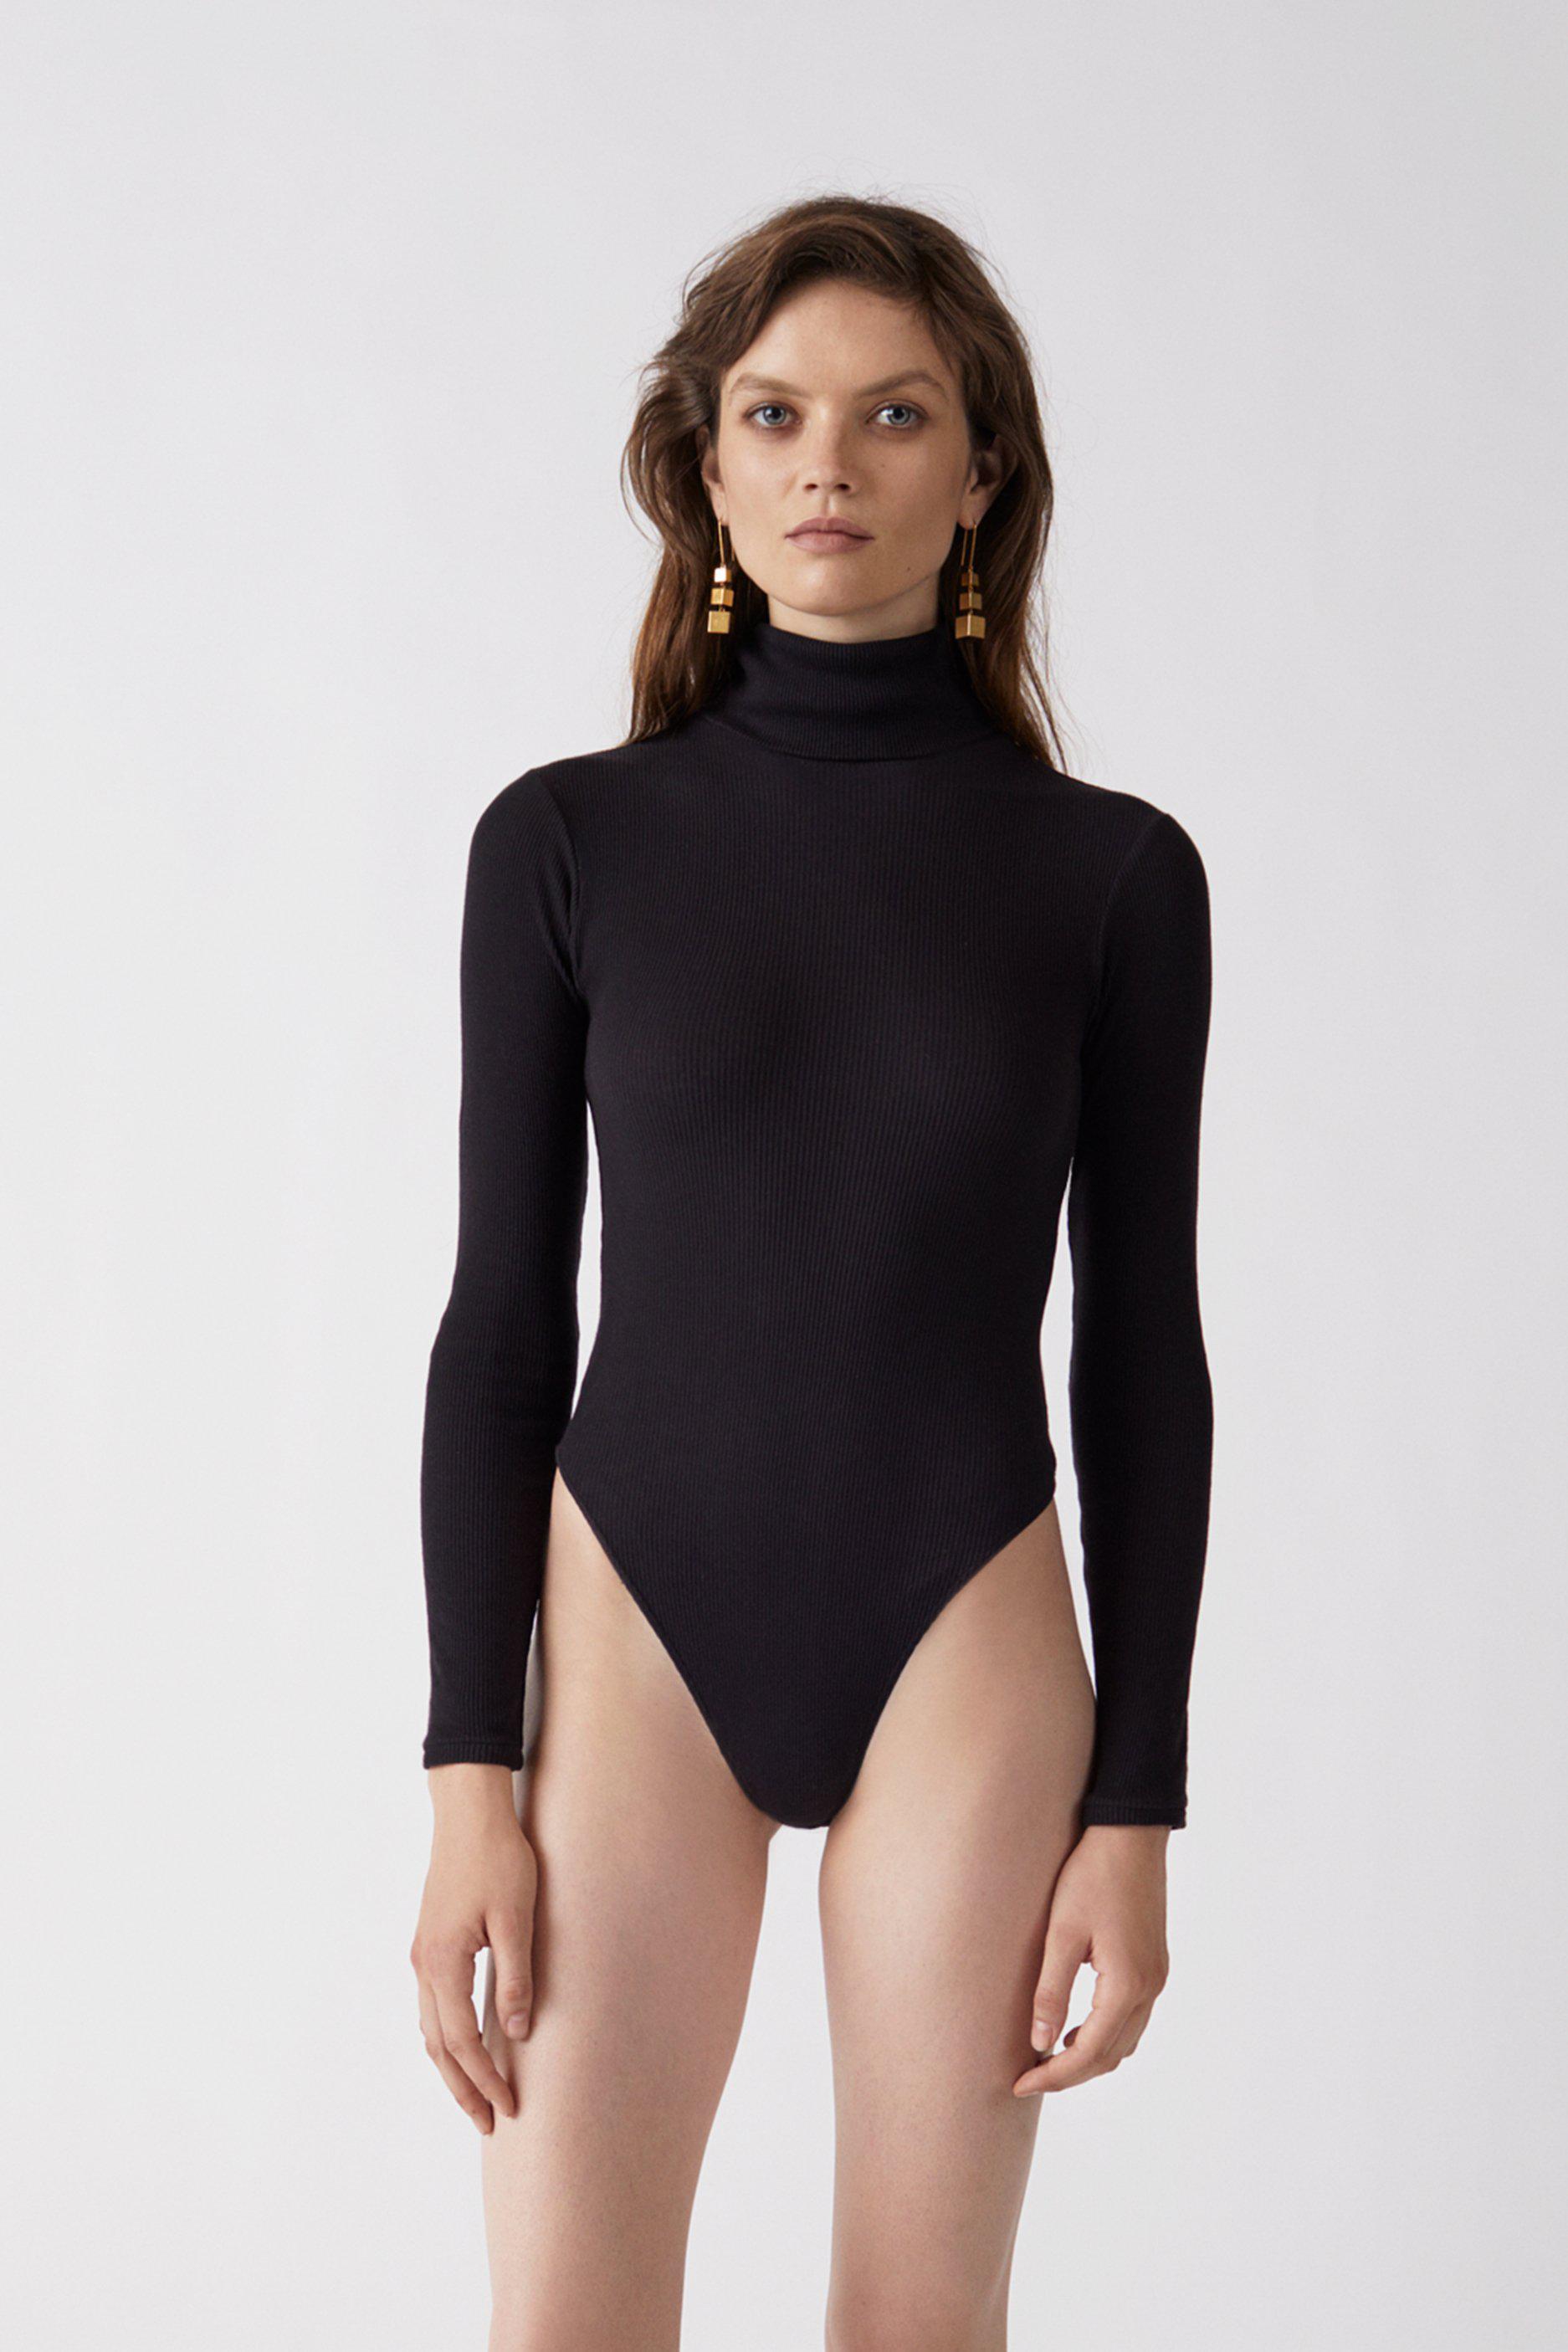 Lyst - RE DONE Originals Ribbed Turtleneck Bodysuit in Black 4606fcc66